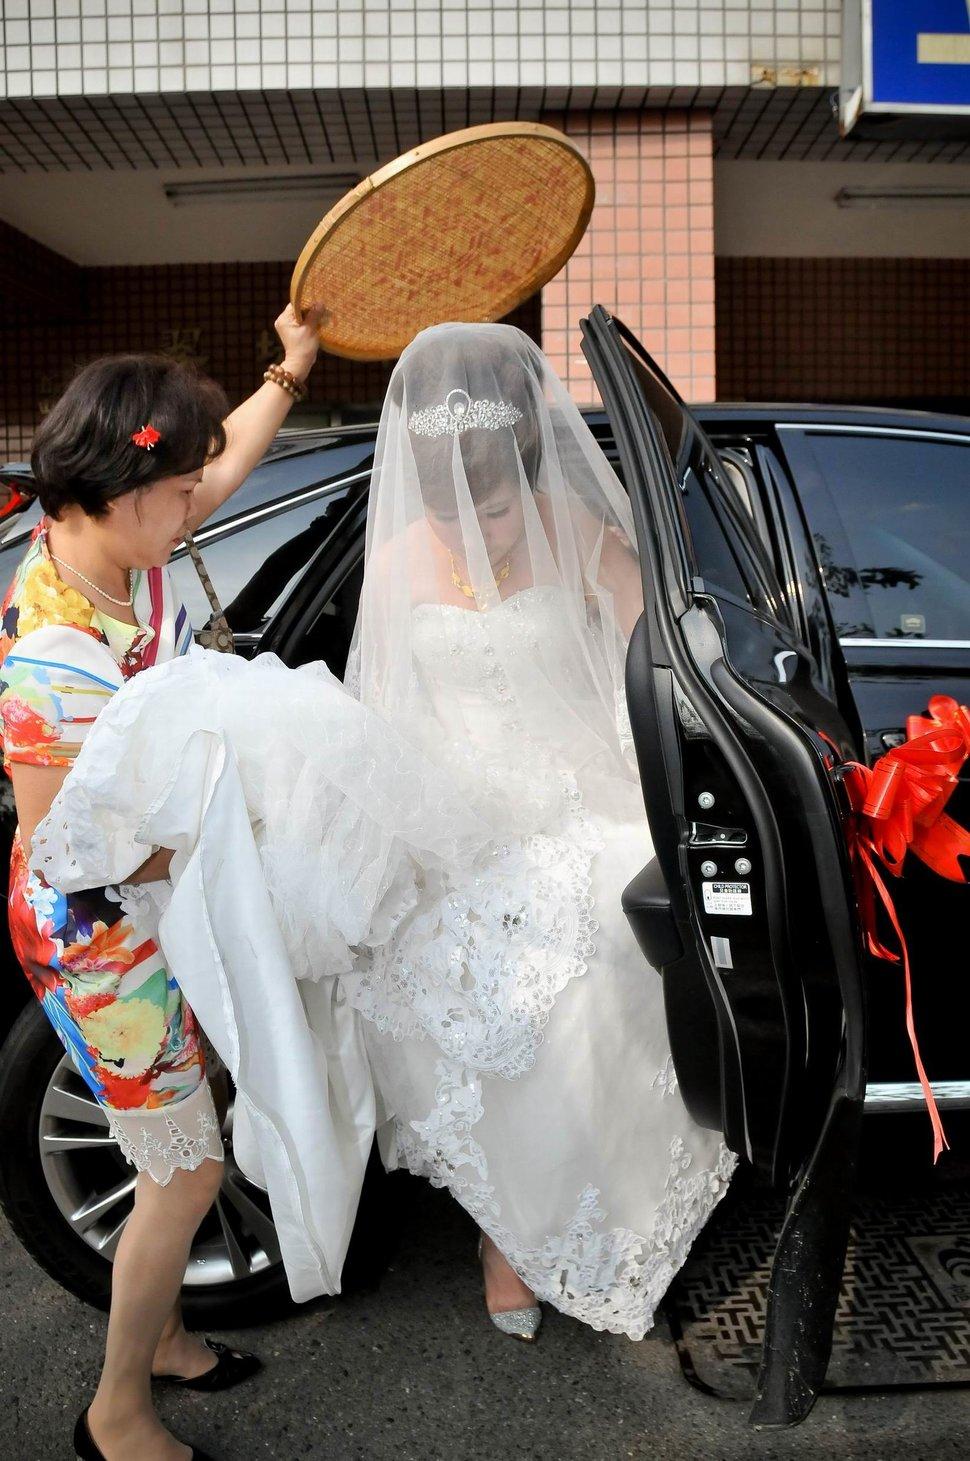 專業婚攝婚禮紀錄婚禮紀錄專業錄影婚禮錄影婚禮記錄動態微電影錄影專業錄影平面攝影婚攝婚禮主持人(編號:280453) - 蜜月拍照10800錄影12800攝影團隊 - 結婚吧